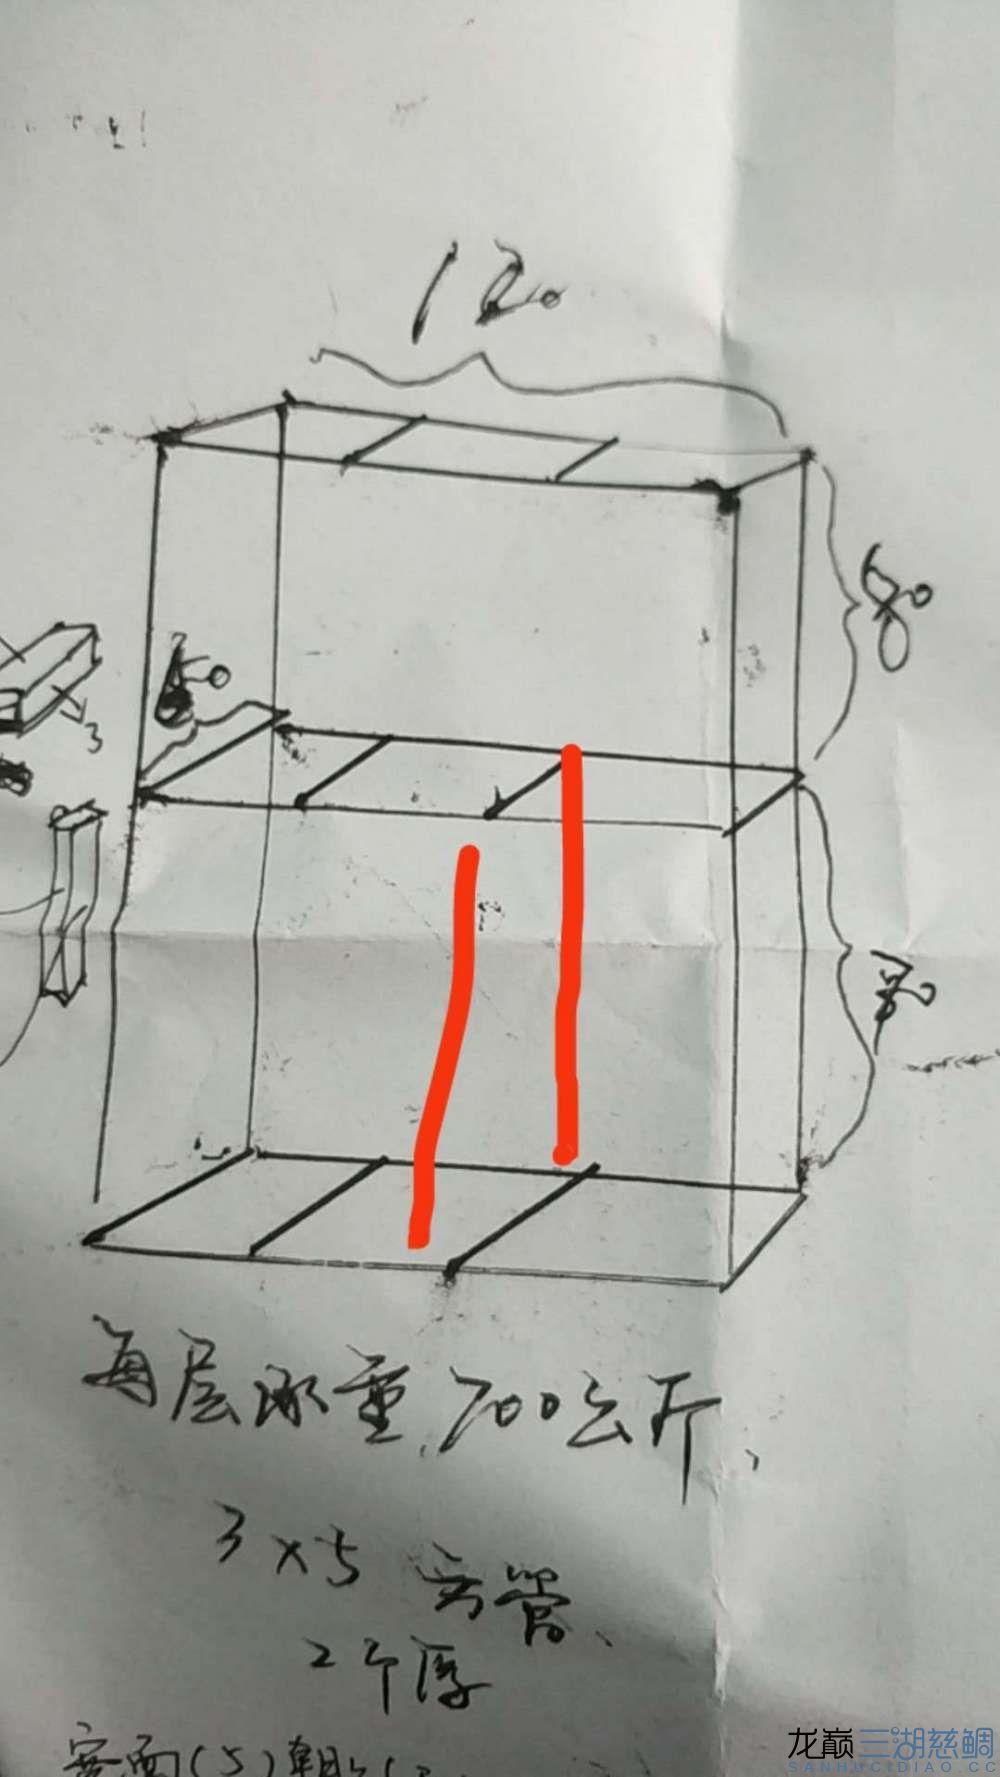 架子设计图.jpg